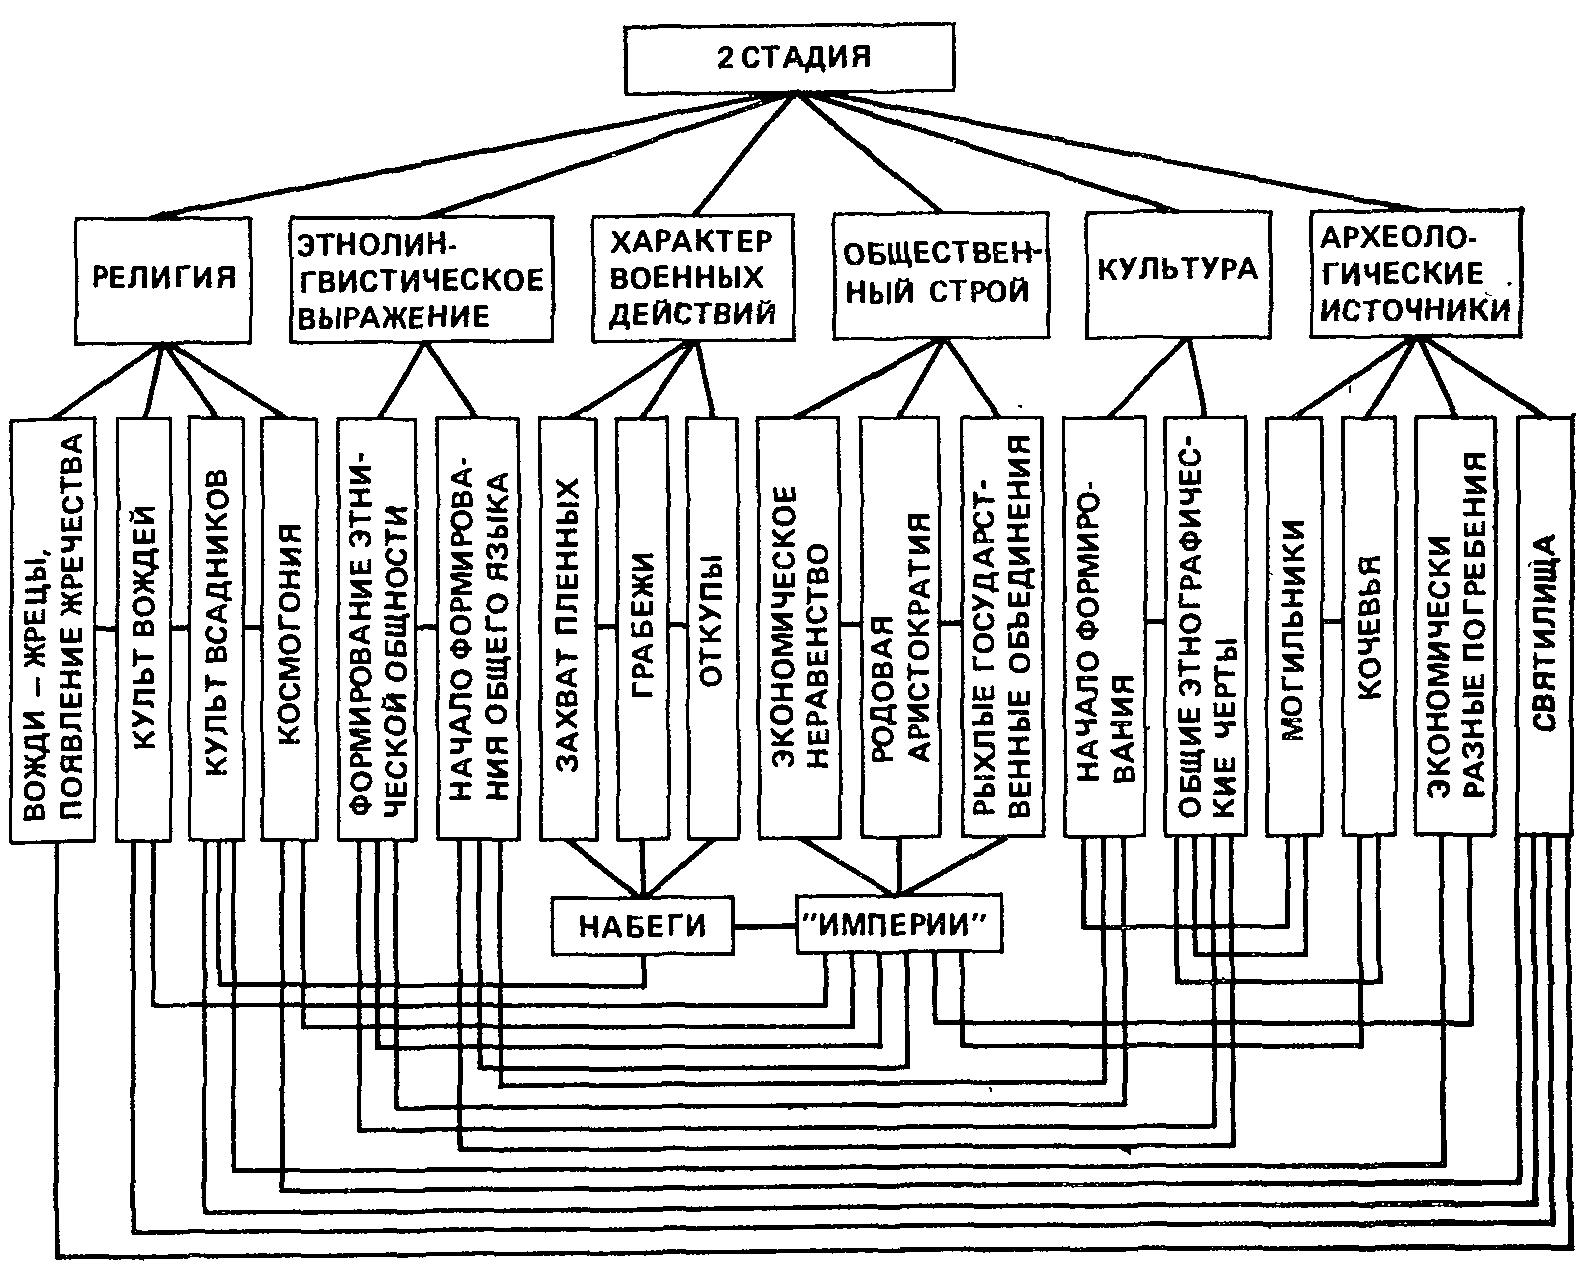 схема массива дунай